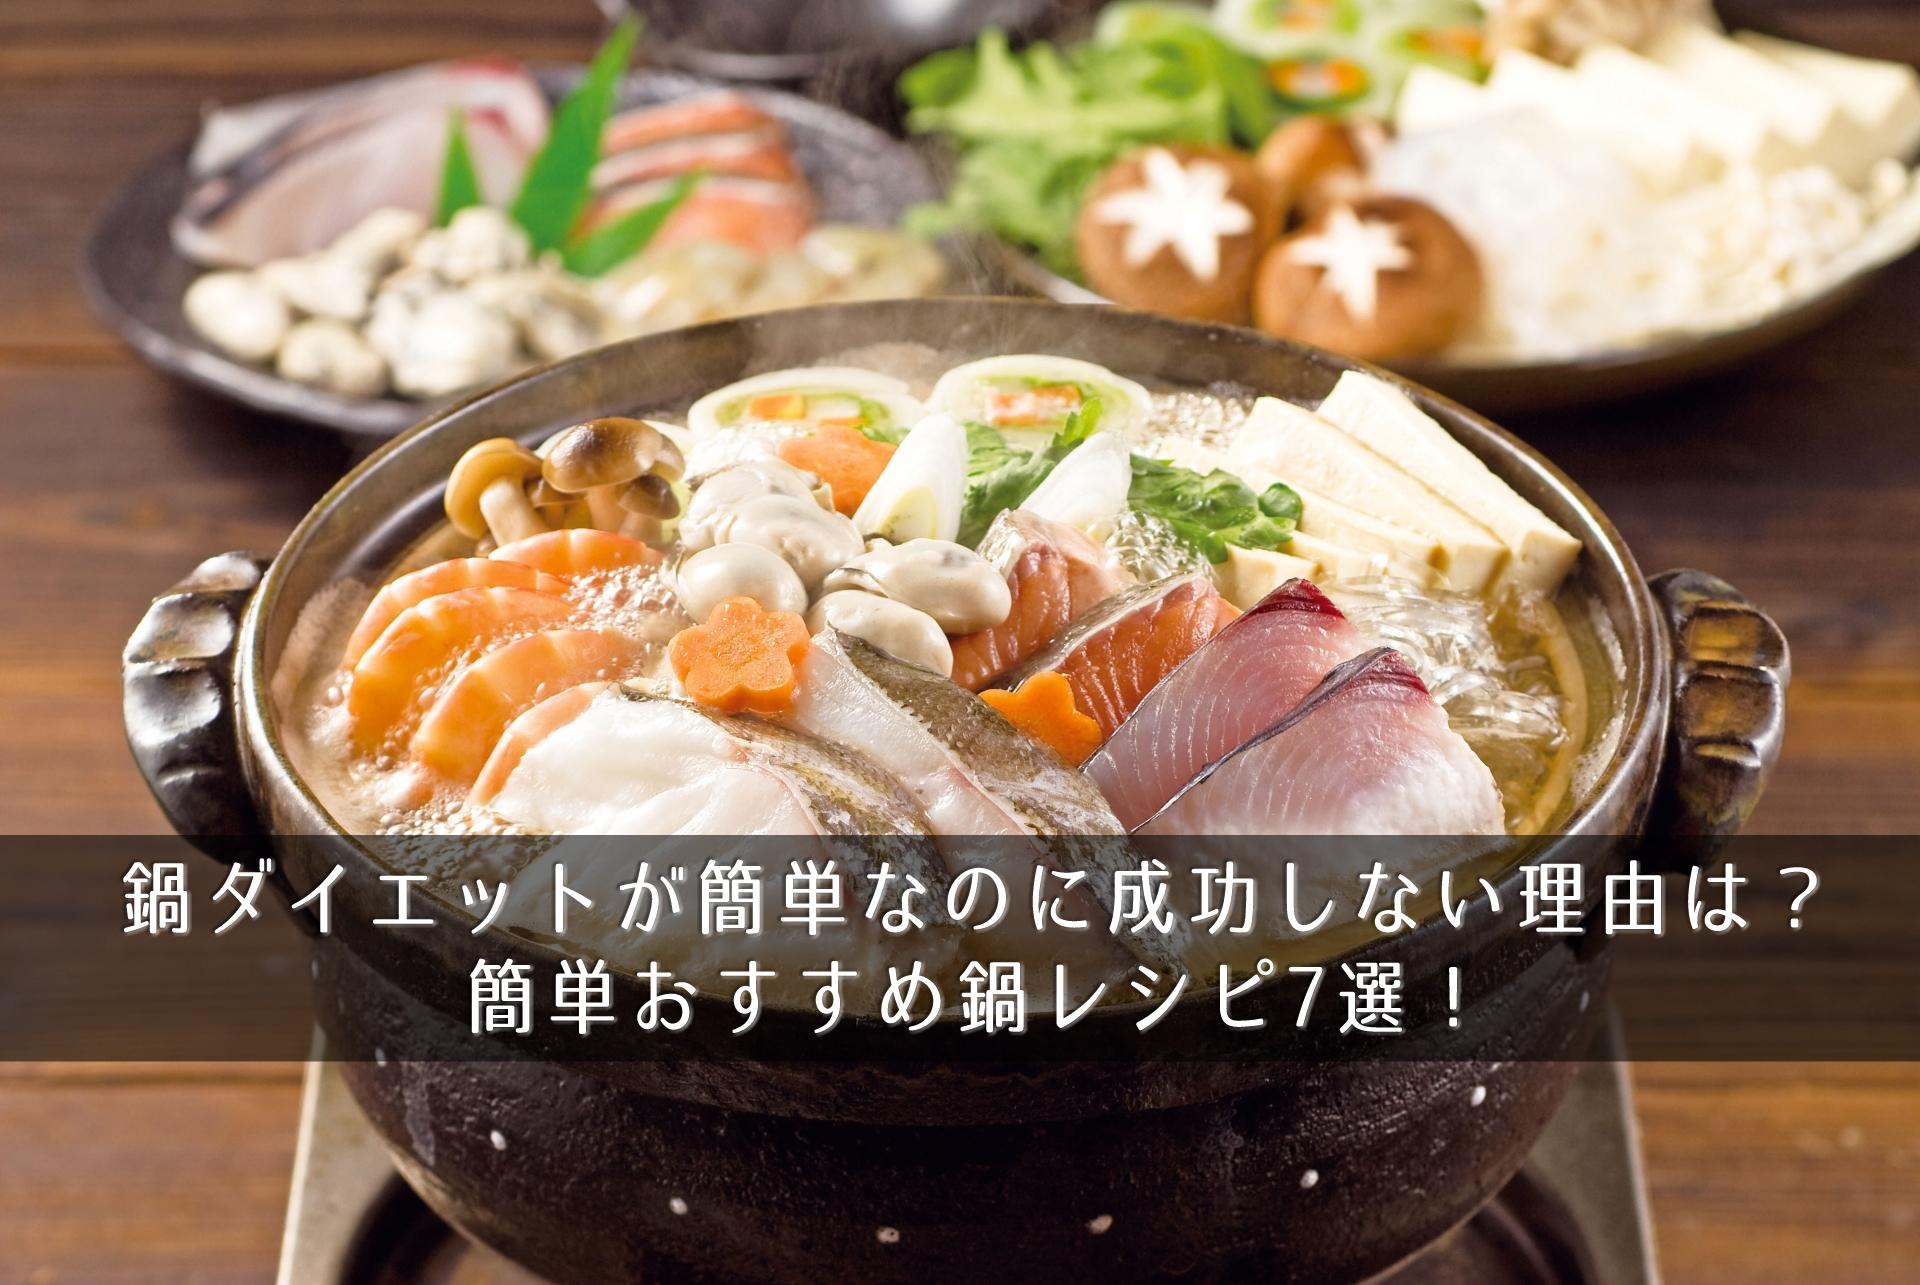 鍋ダイエットが簡単なのに成功しない理由は?簡単おすすめ鍋レシピ7選!